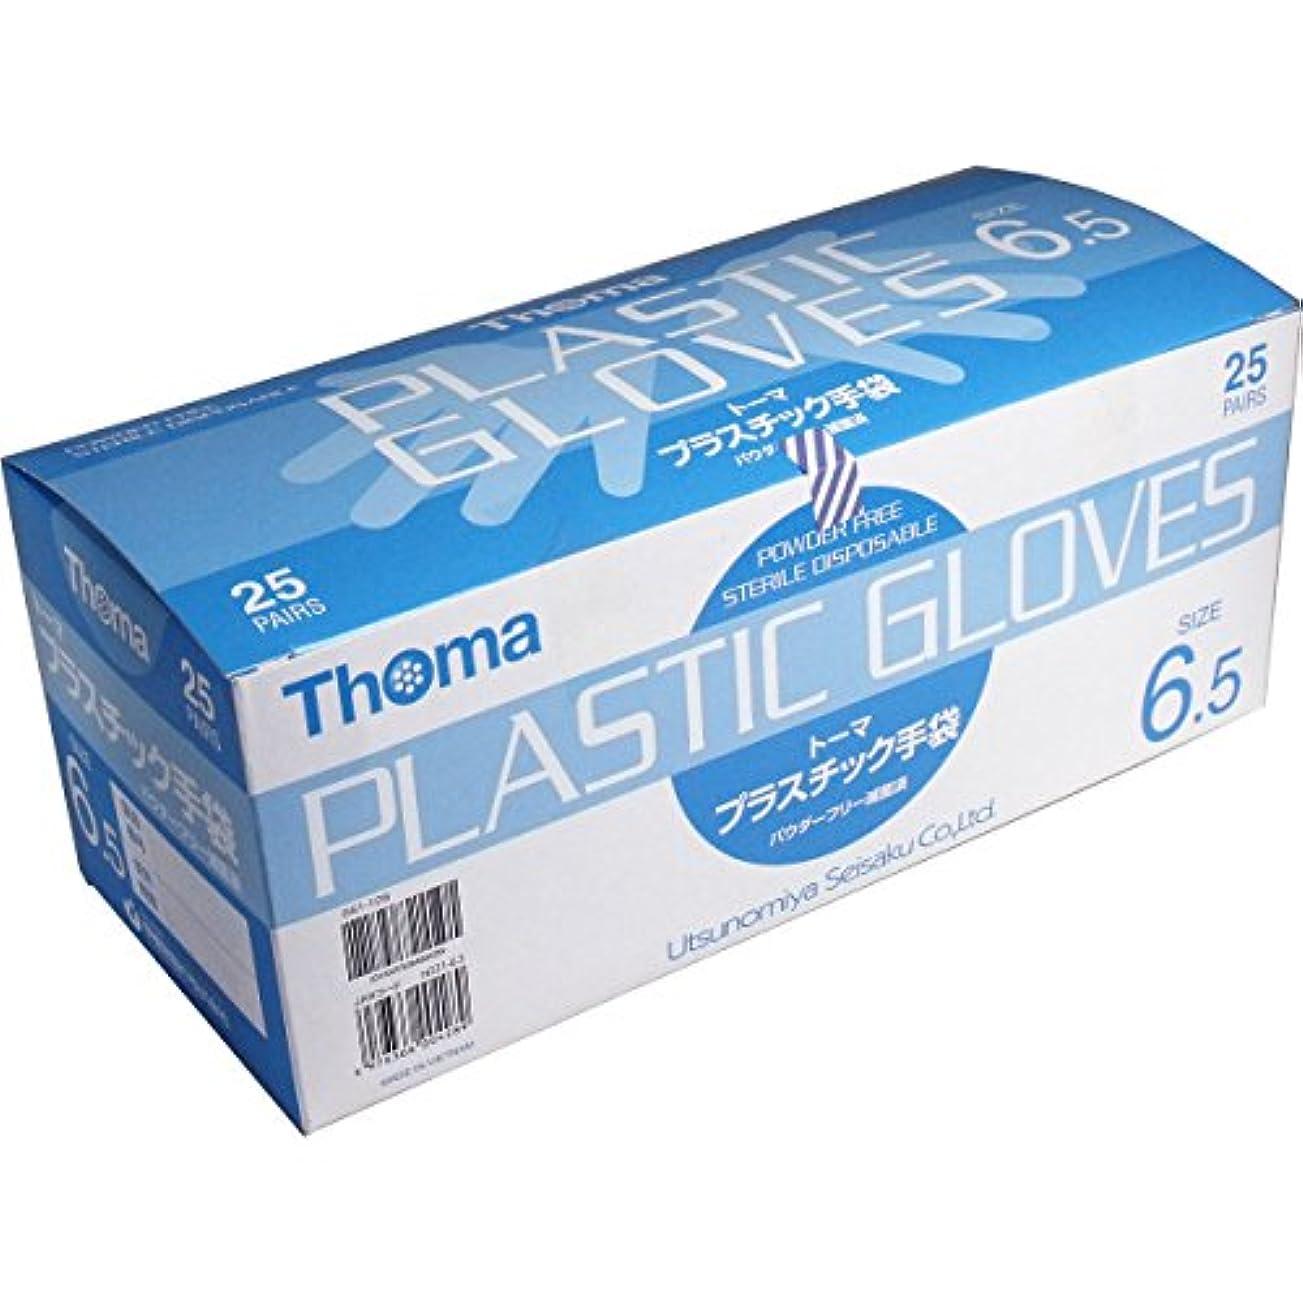 紳士気取りの、きざな課税うつ超薄手プラスチック手袋 1双毎に滅菌包装、衛生的 便利 トーマ プラスチック手袋 パウダーフリー滅菌済 25双入 サイズ6.5